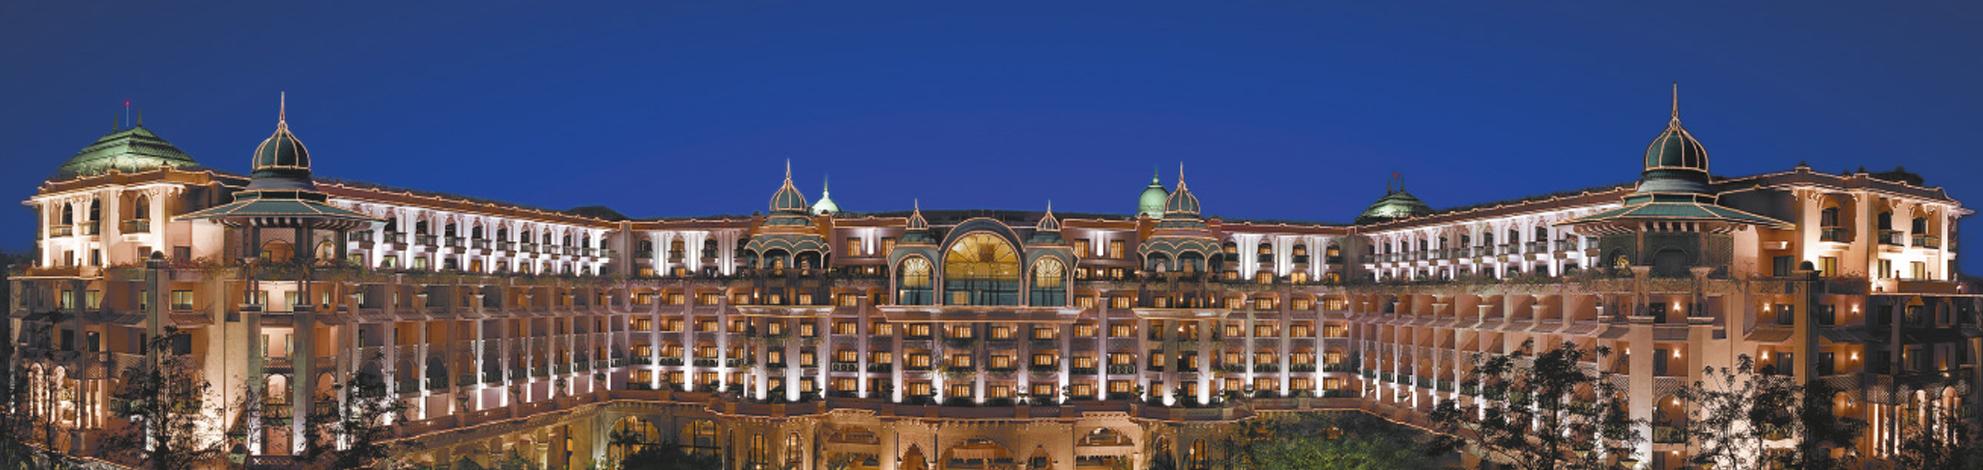 Hotel-Leela-Palace